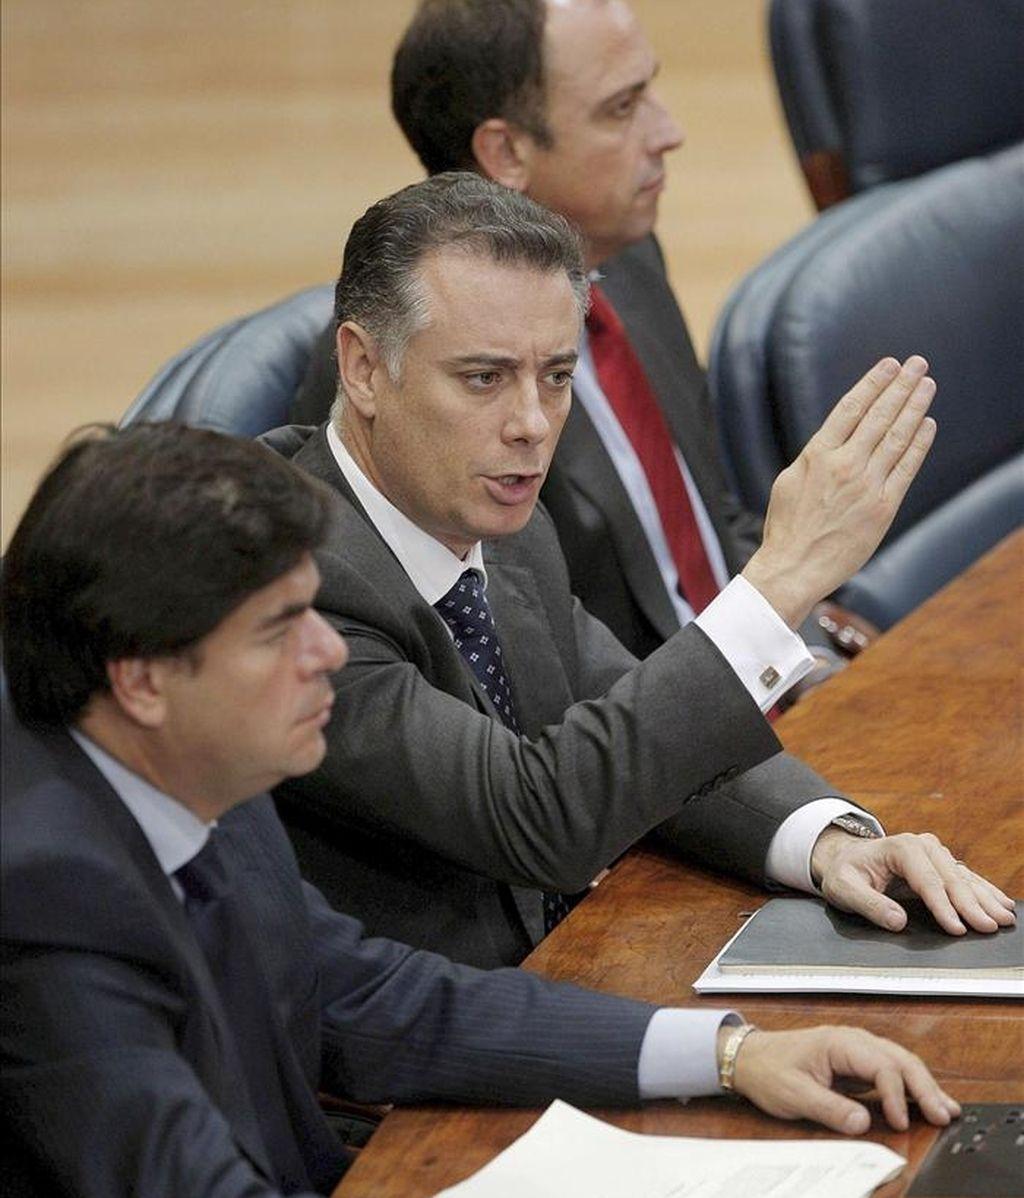 """Los tres diputados de la Asamblea de Madrid implicados en el caso Gürtel, Alberto López Viejo (c), Alfonso Bosch (izda) y Benjamín Martín, que han renunciado hoy a sus escaños con el fin de que no se utilice su presencia en la Cámara como """"argumento electoral"""". EFE/Archivo"""